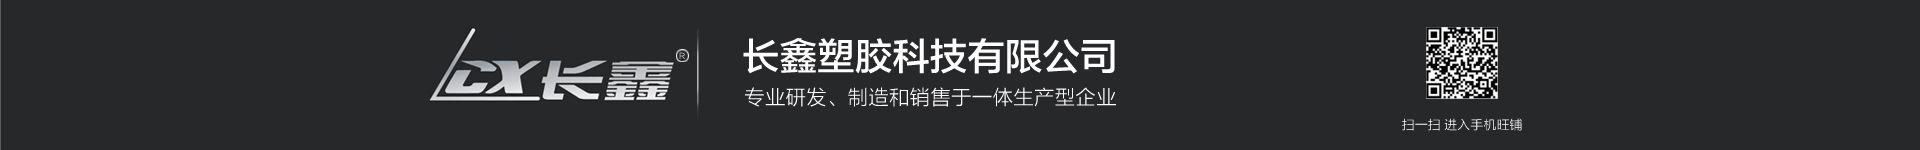 宁波长鑫塑胶科技有限公司